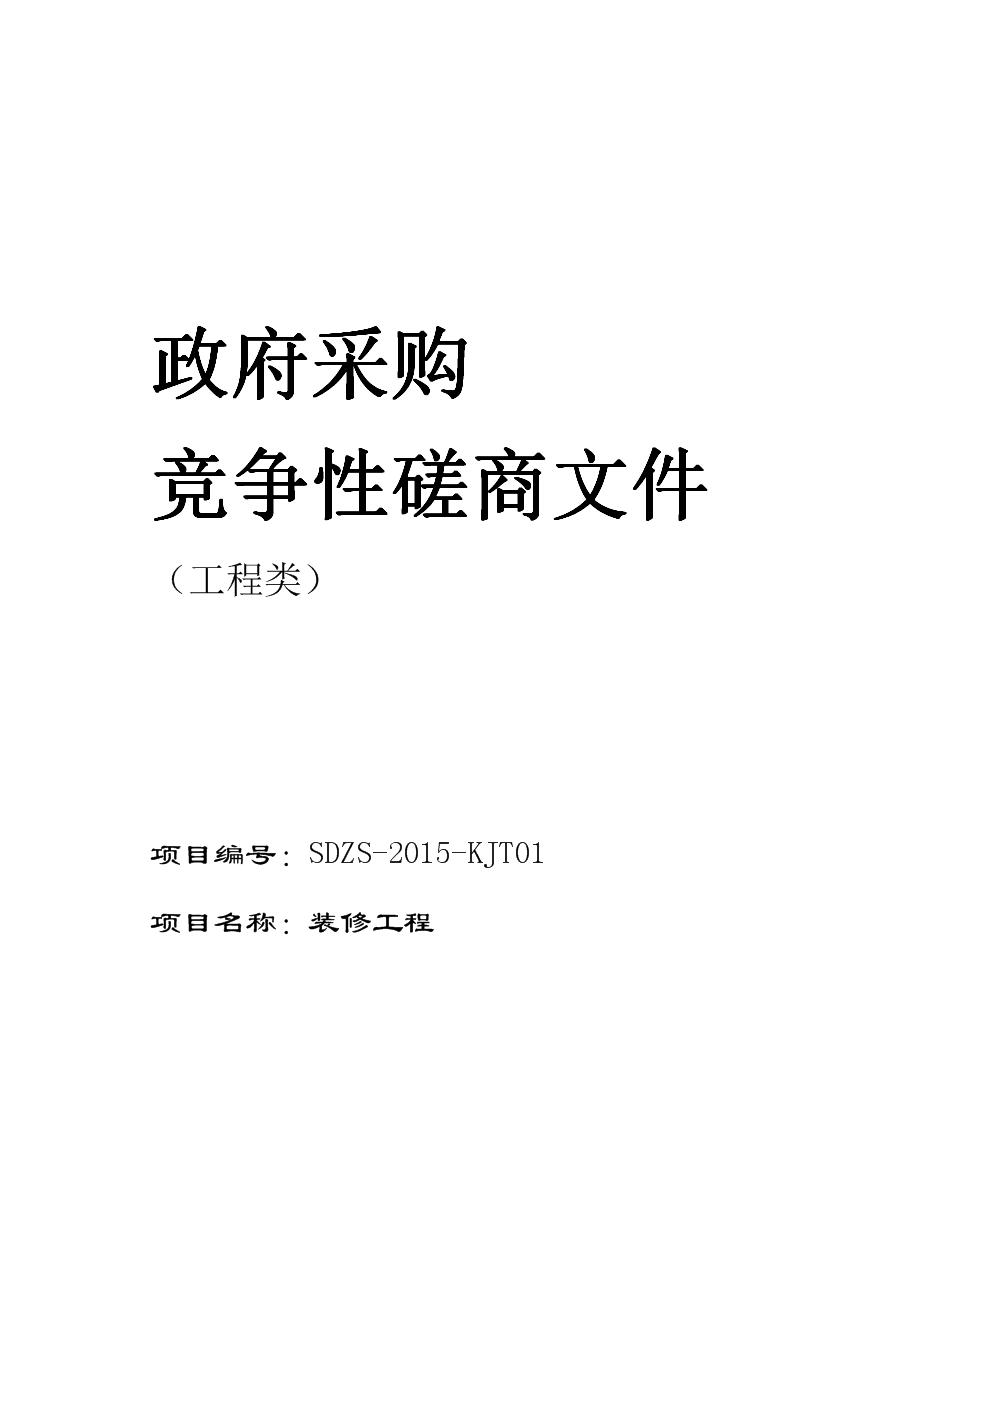 竞争性磋商文件同名2754.doc